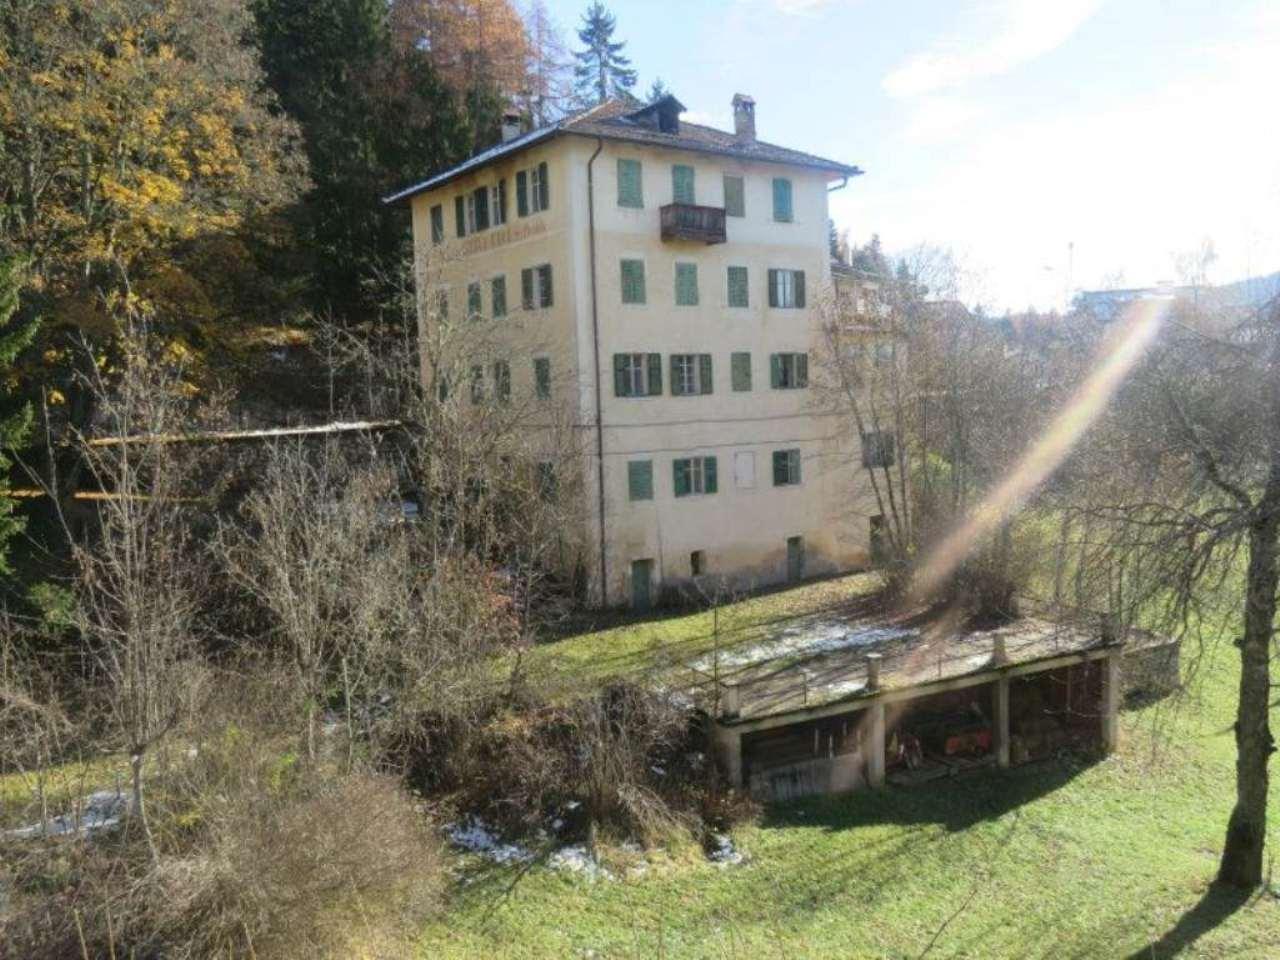 Albergo in vendita a Ruffrè-Mendola, 9999 locali, Trattative riservate | Cambio Casa.it